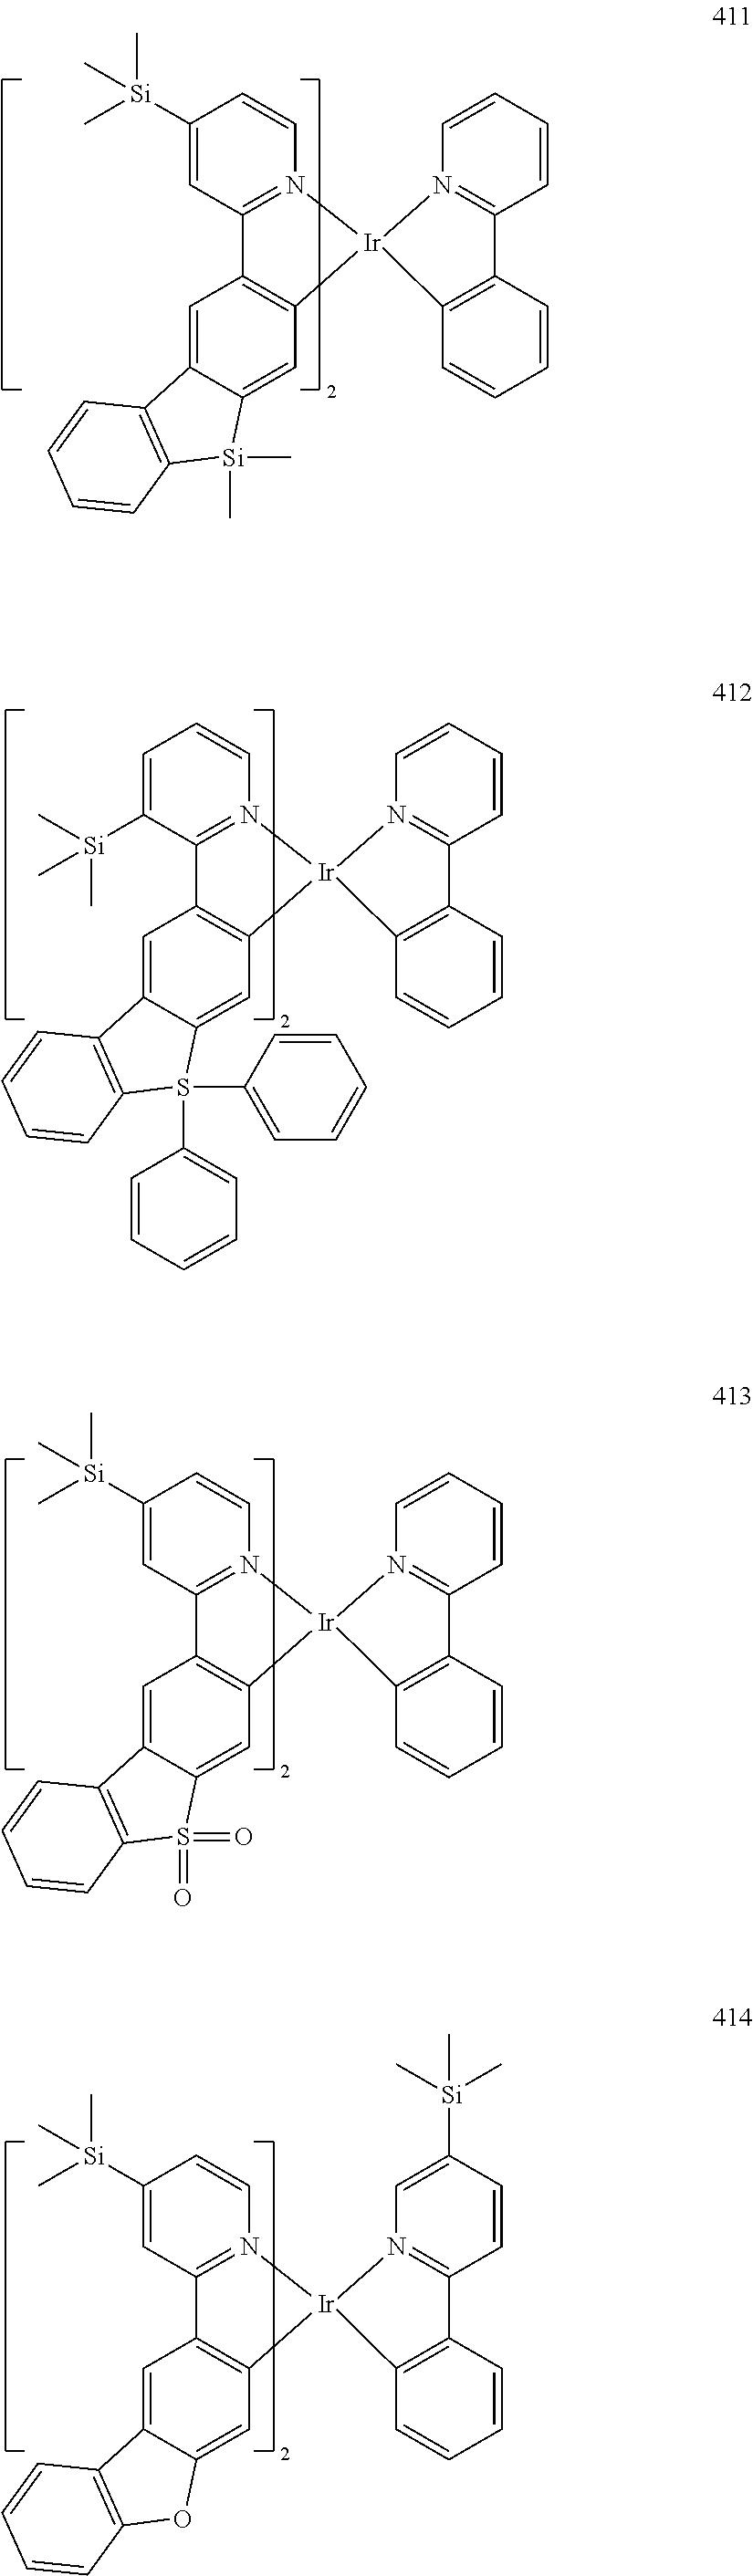 Figure US20160155962A1-20160602-C00184